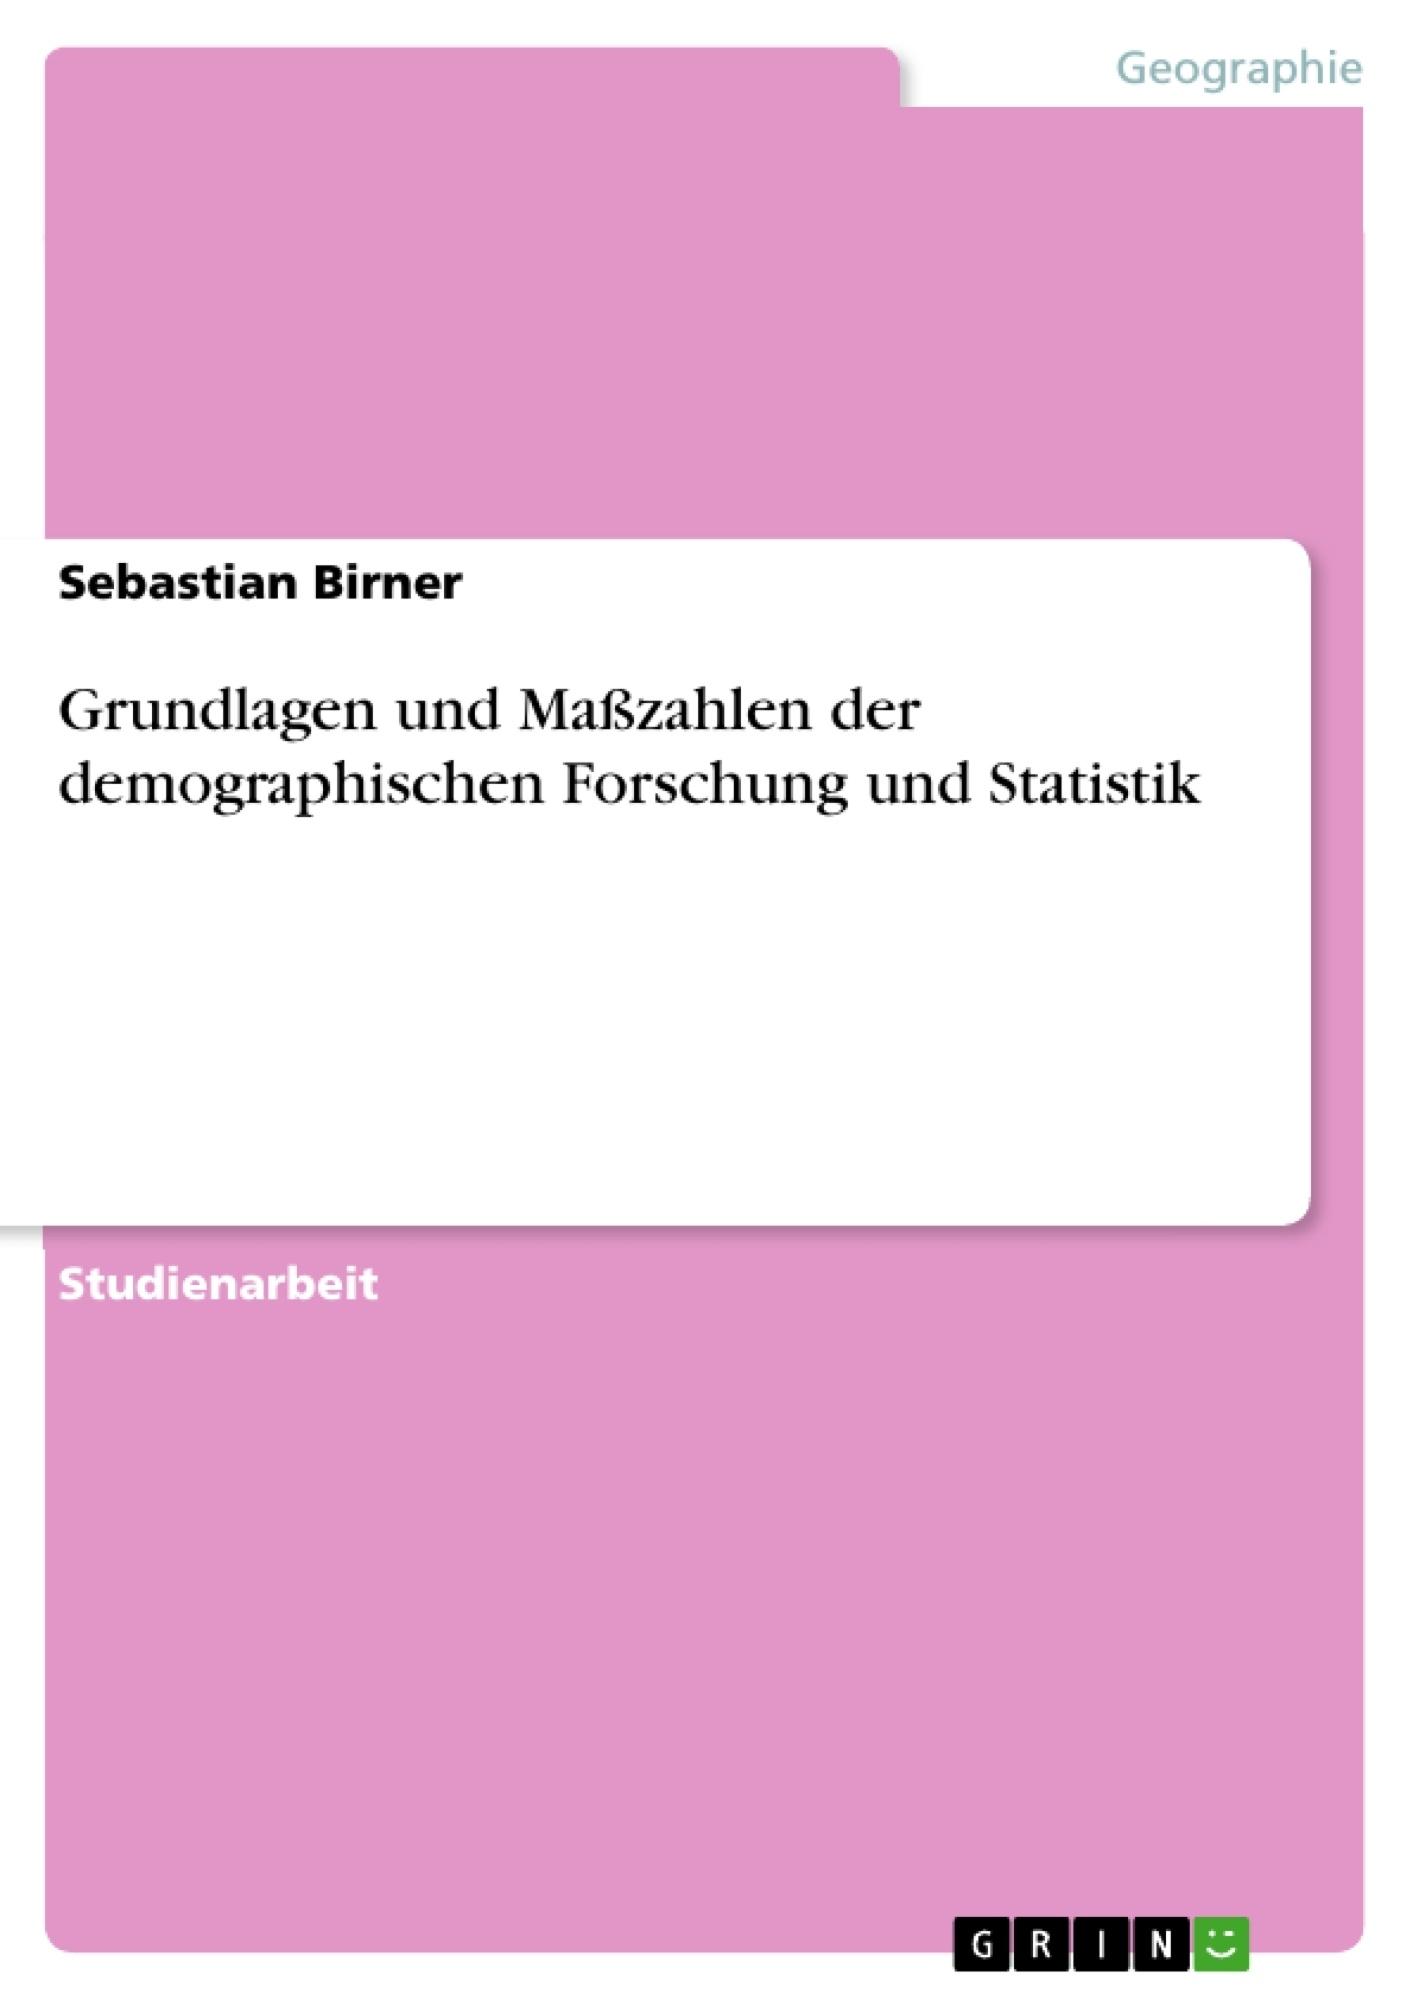 Titel: Grundlagen und Maßzahlen der demographischen Forschung und Statistik